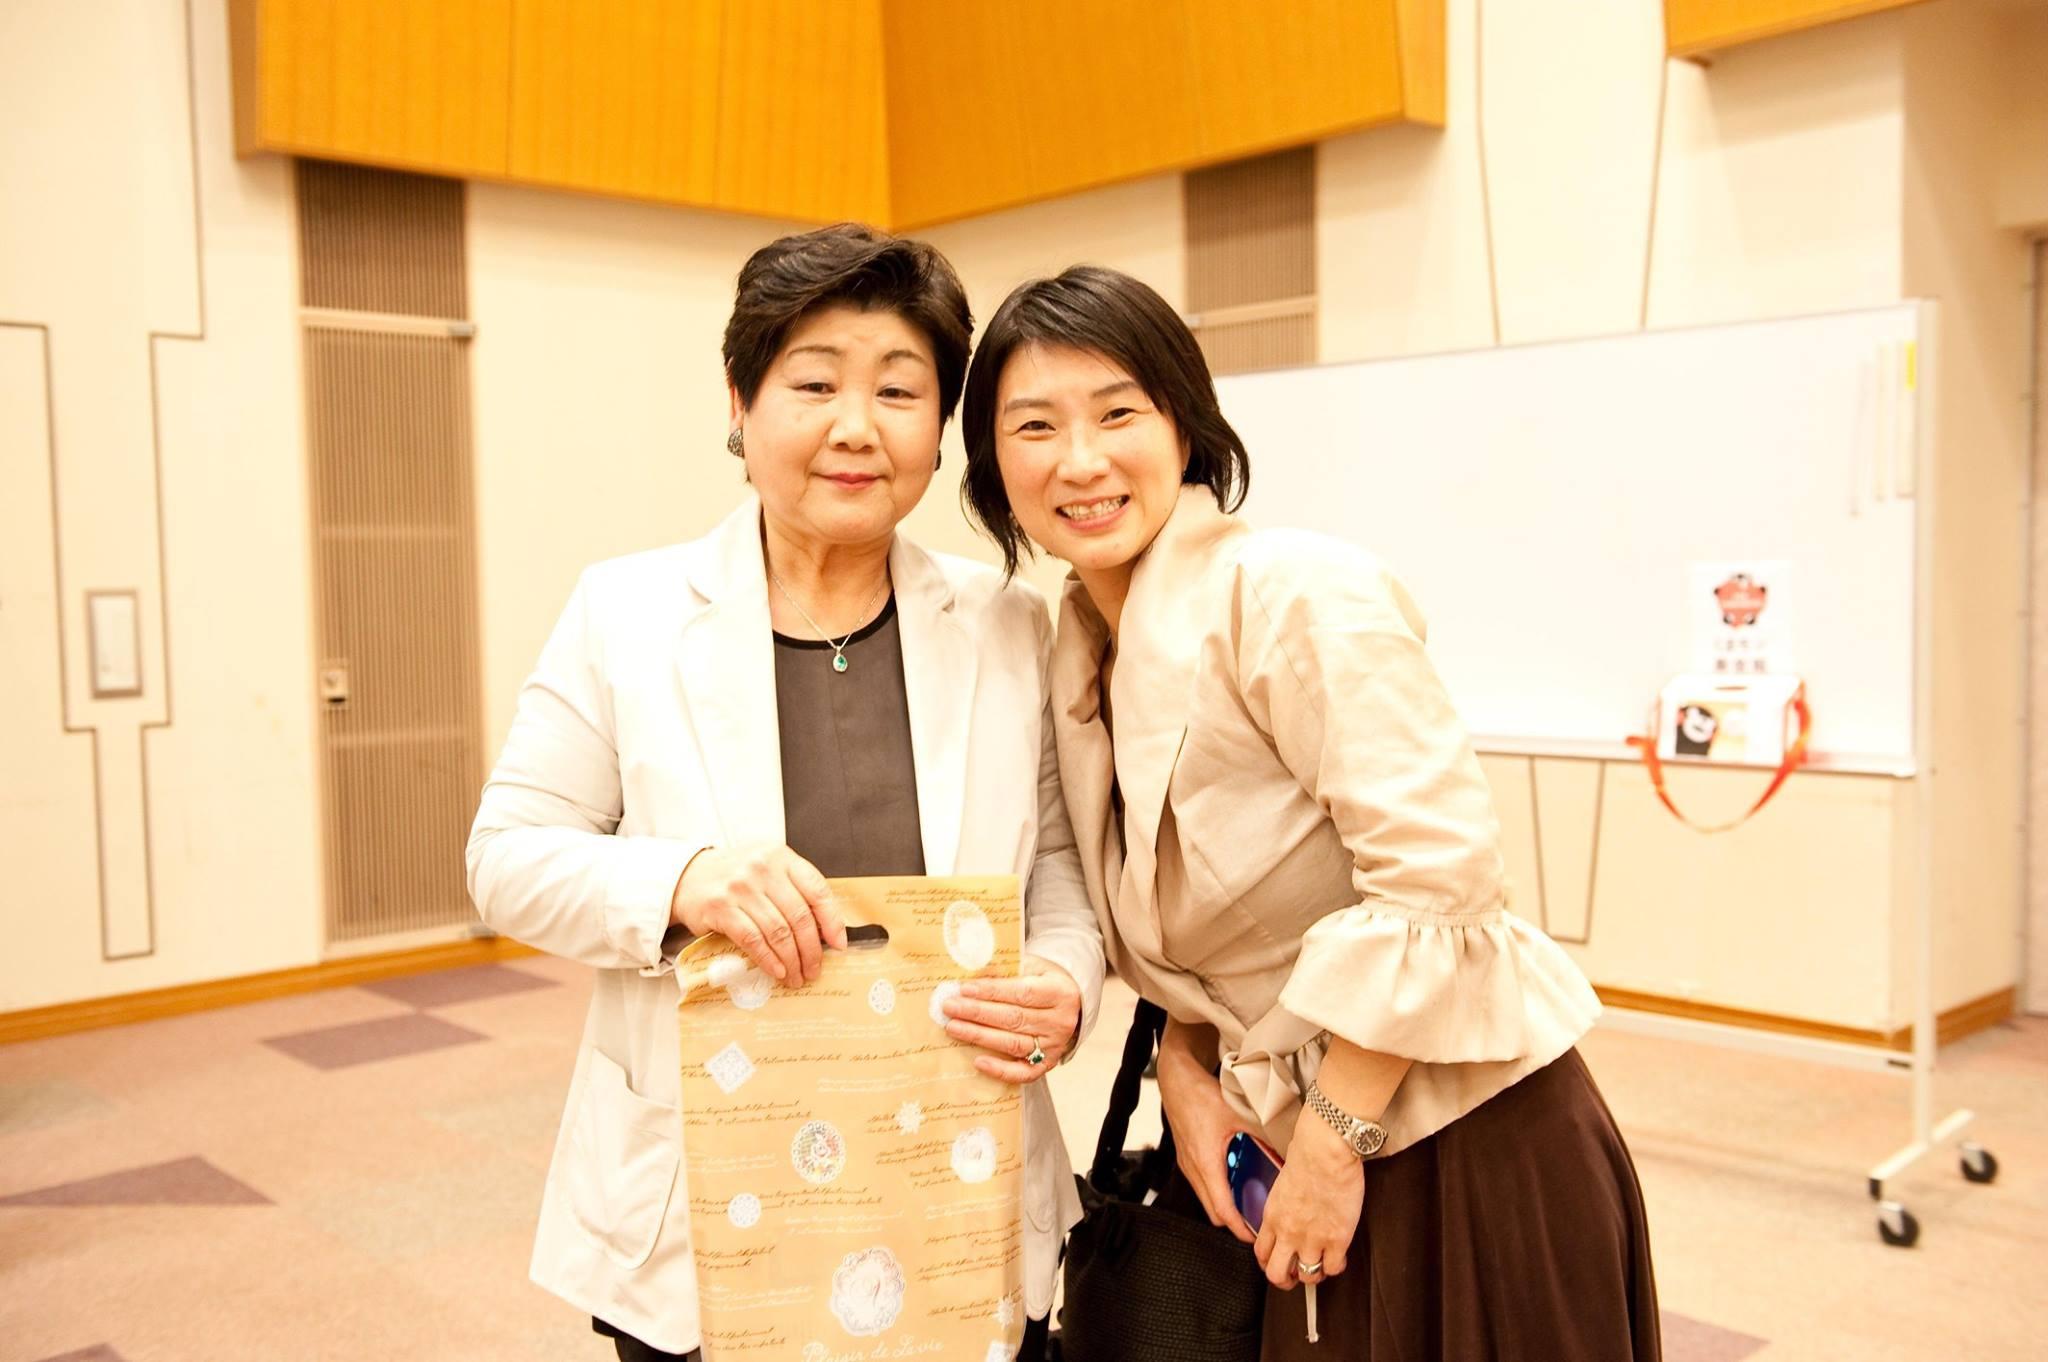 岩岡恵子さん写真